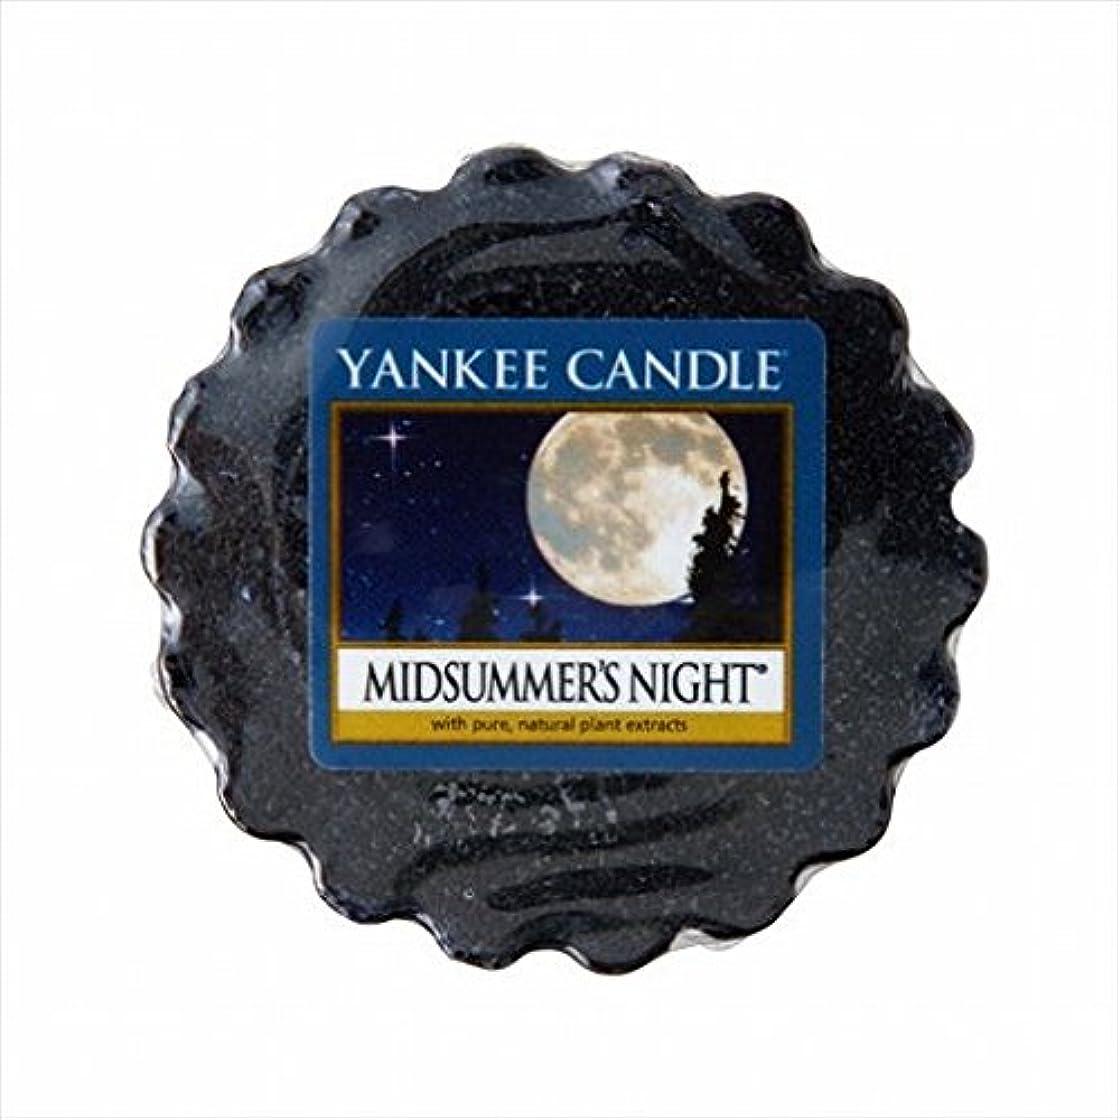 コントロールアパート宇宙飛行士カメヤマキャンドル(kameyama candle) YANKEE CANDLE タルト ワックスポプリ 「 ミッドサマーズナイト 」